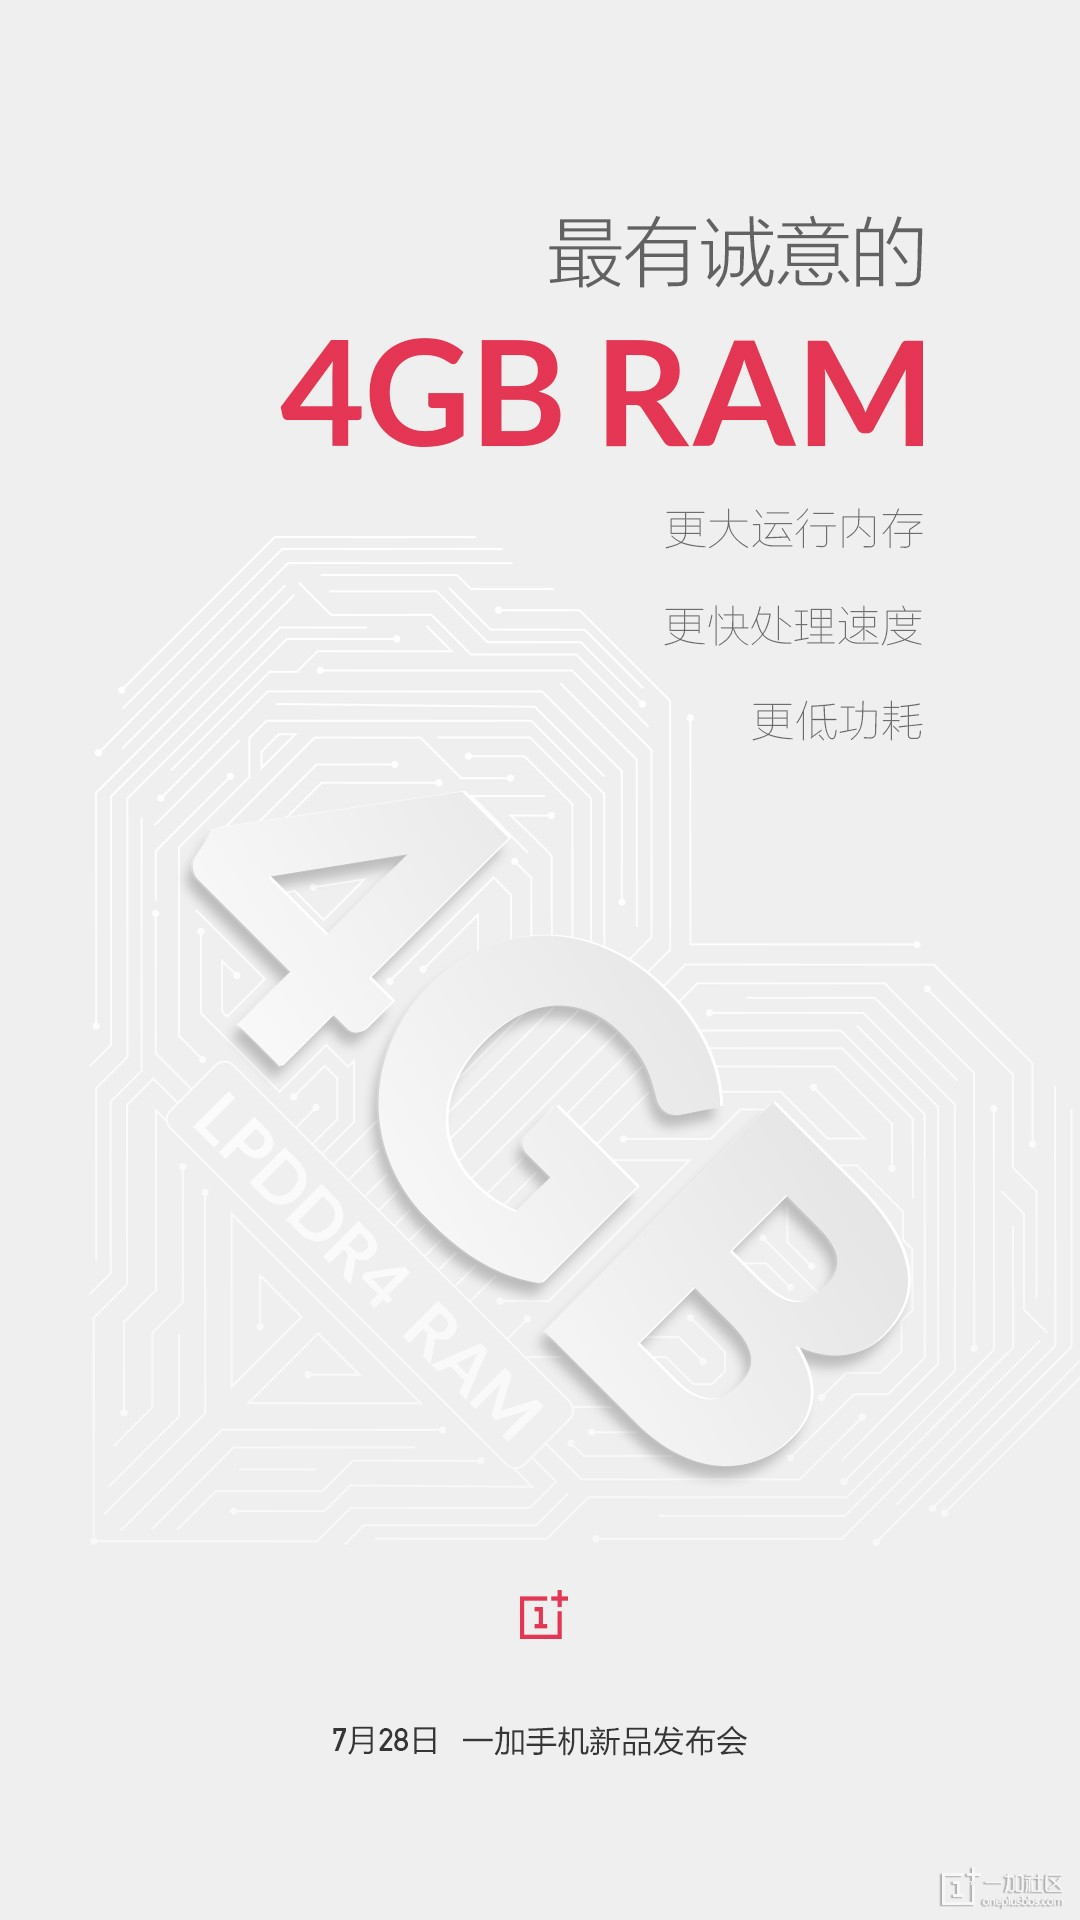 4GBRAM.jpg